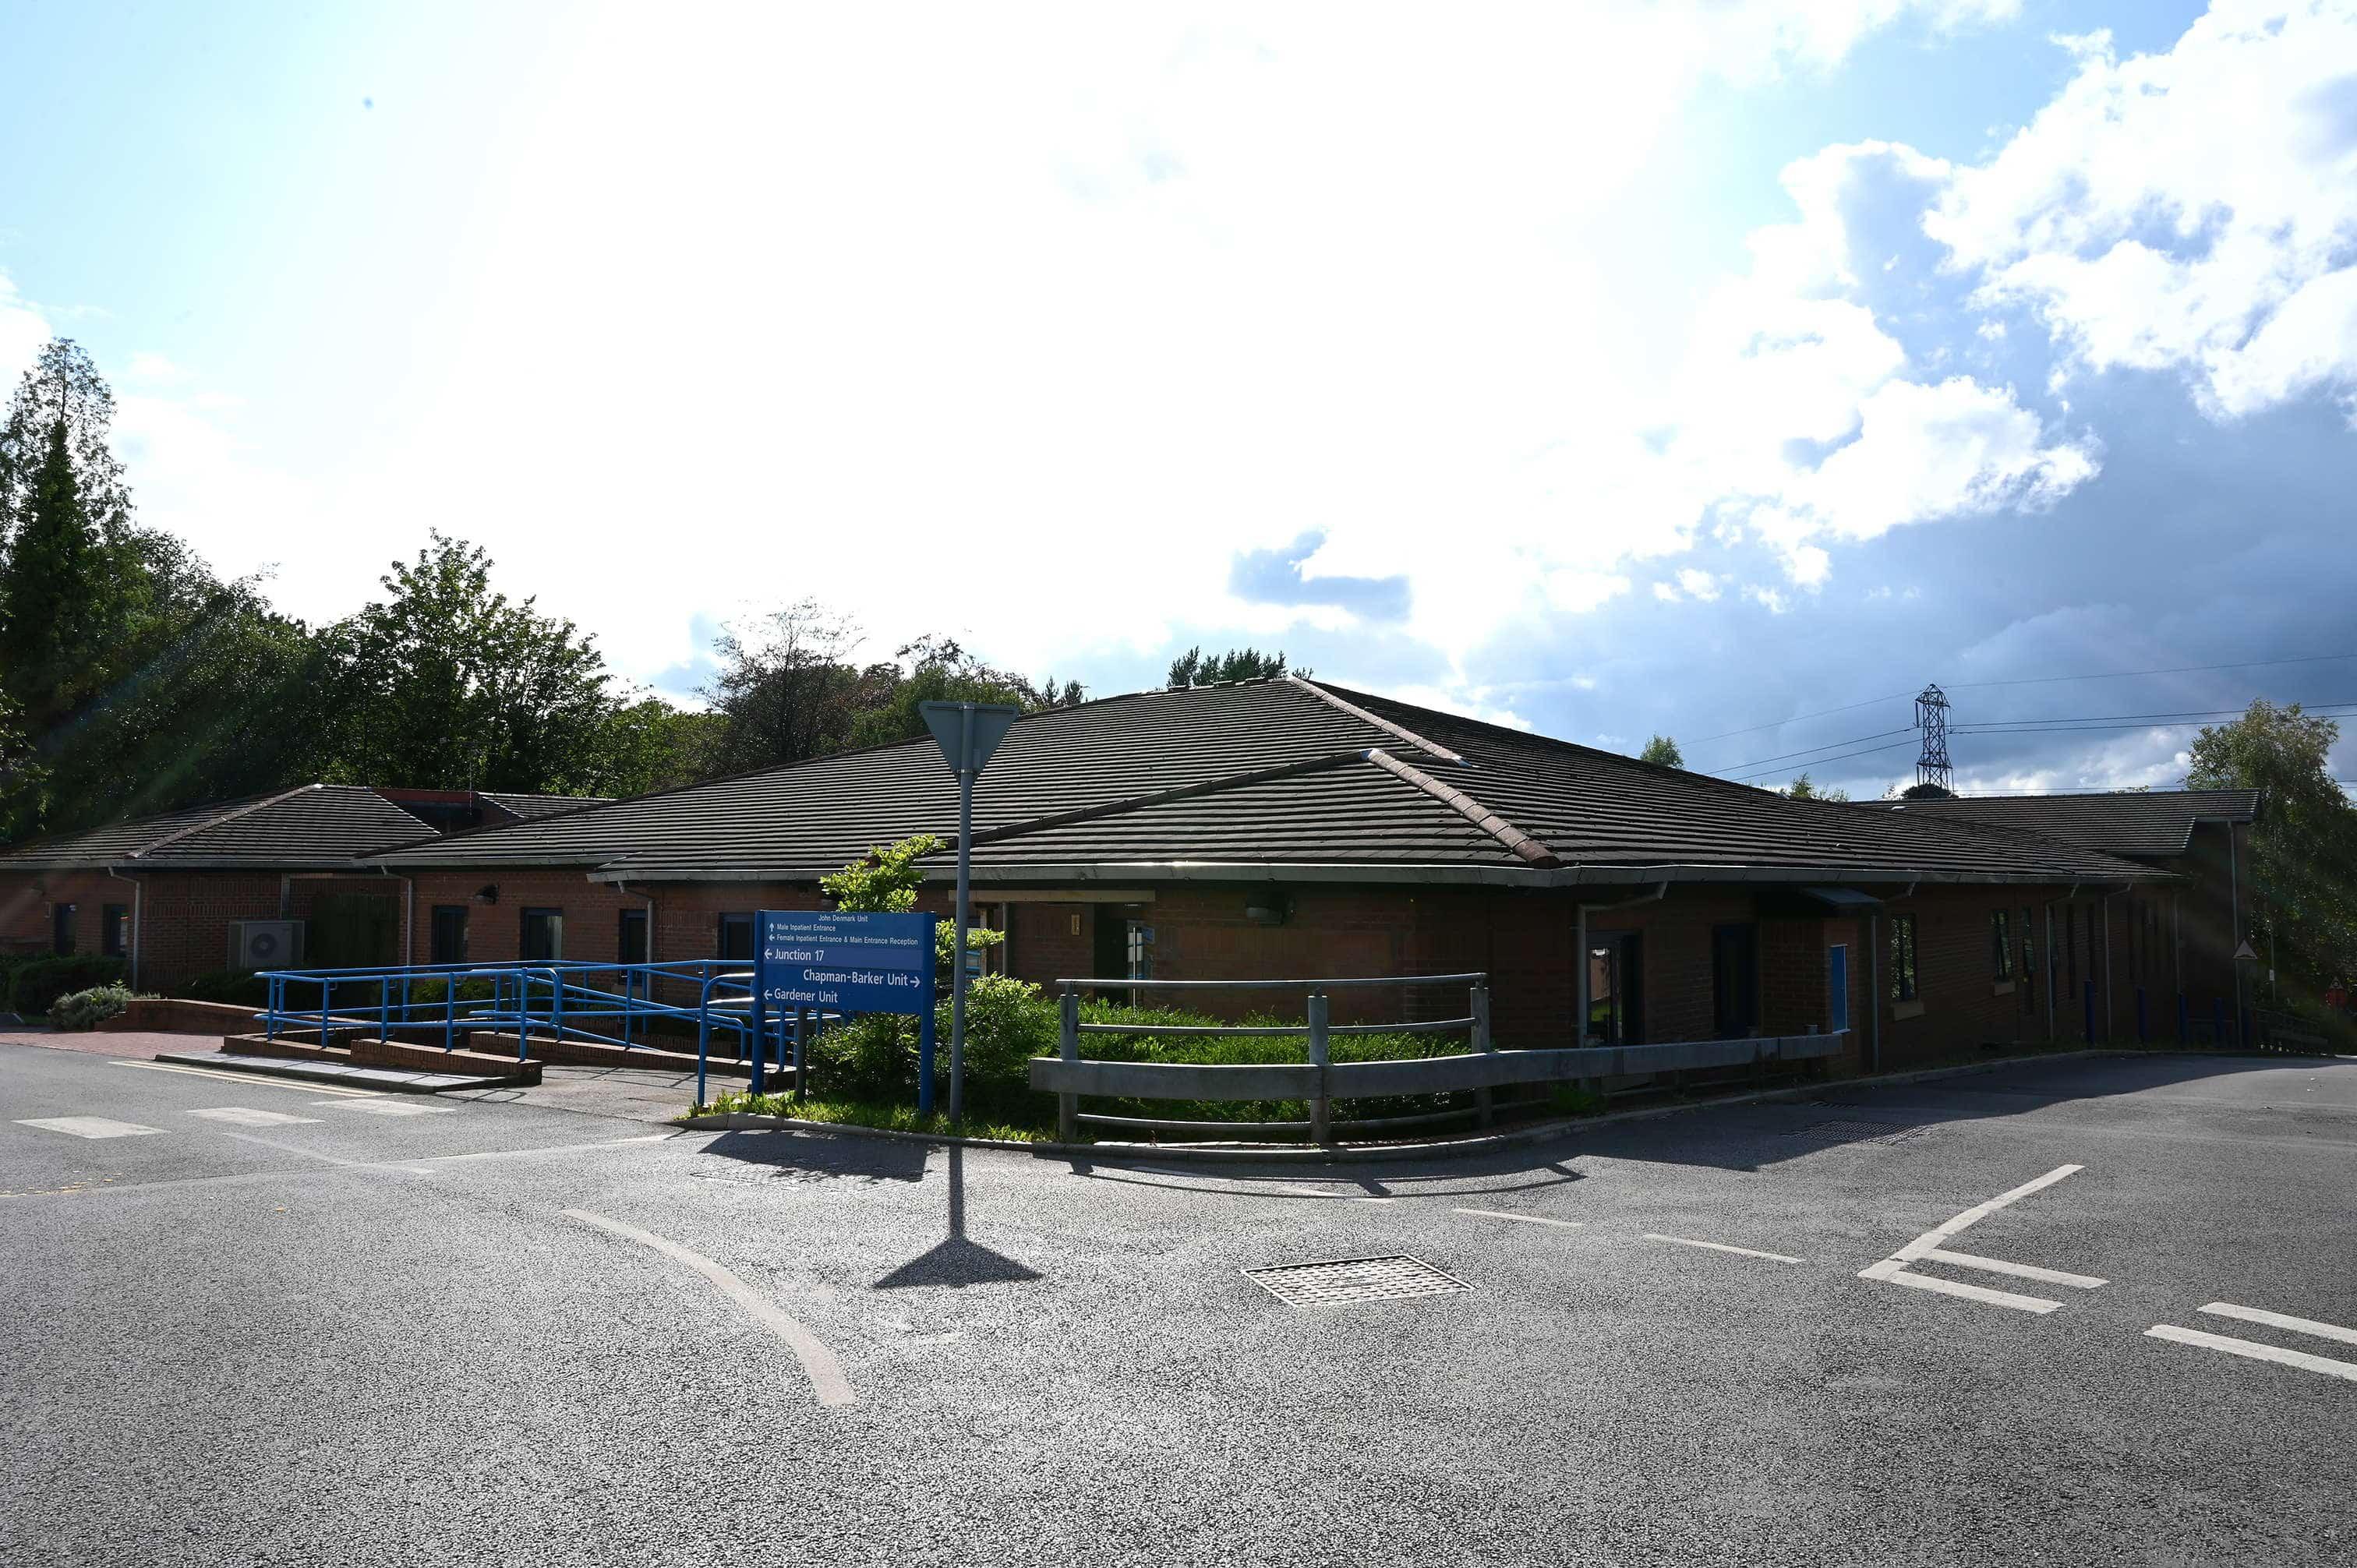 Prestwich Hospital - Outside